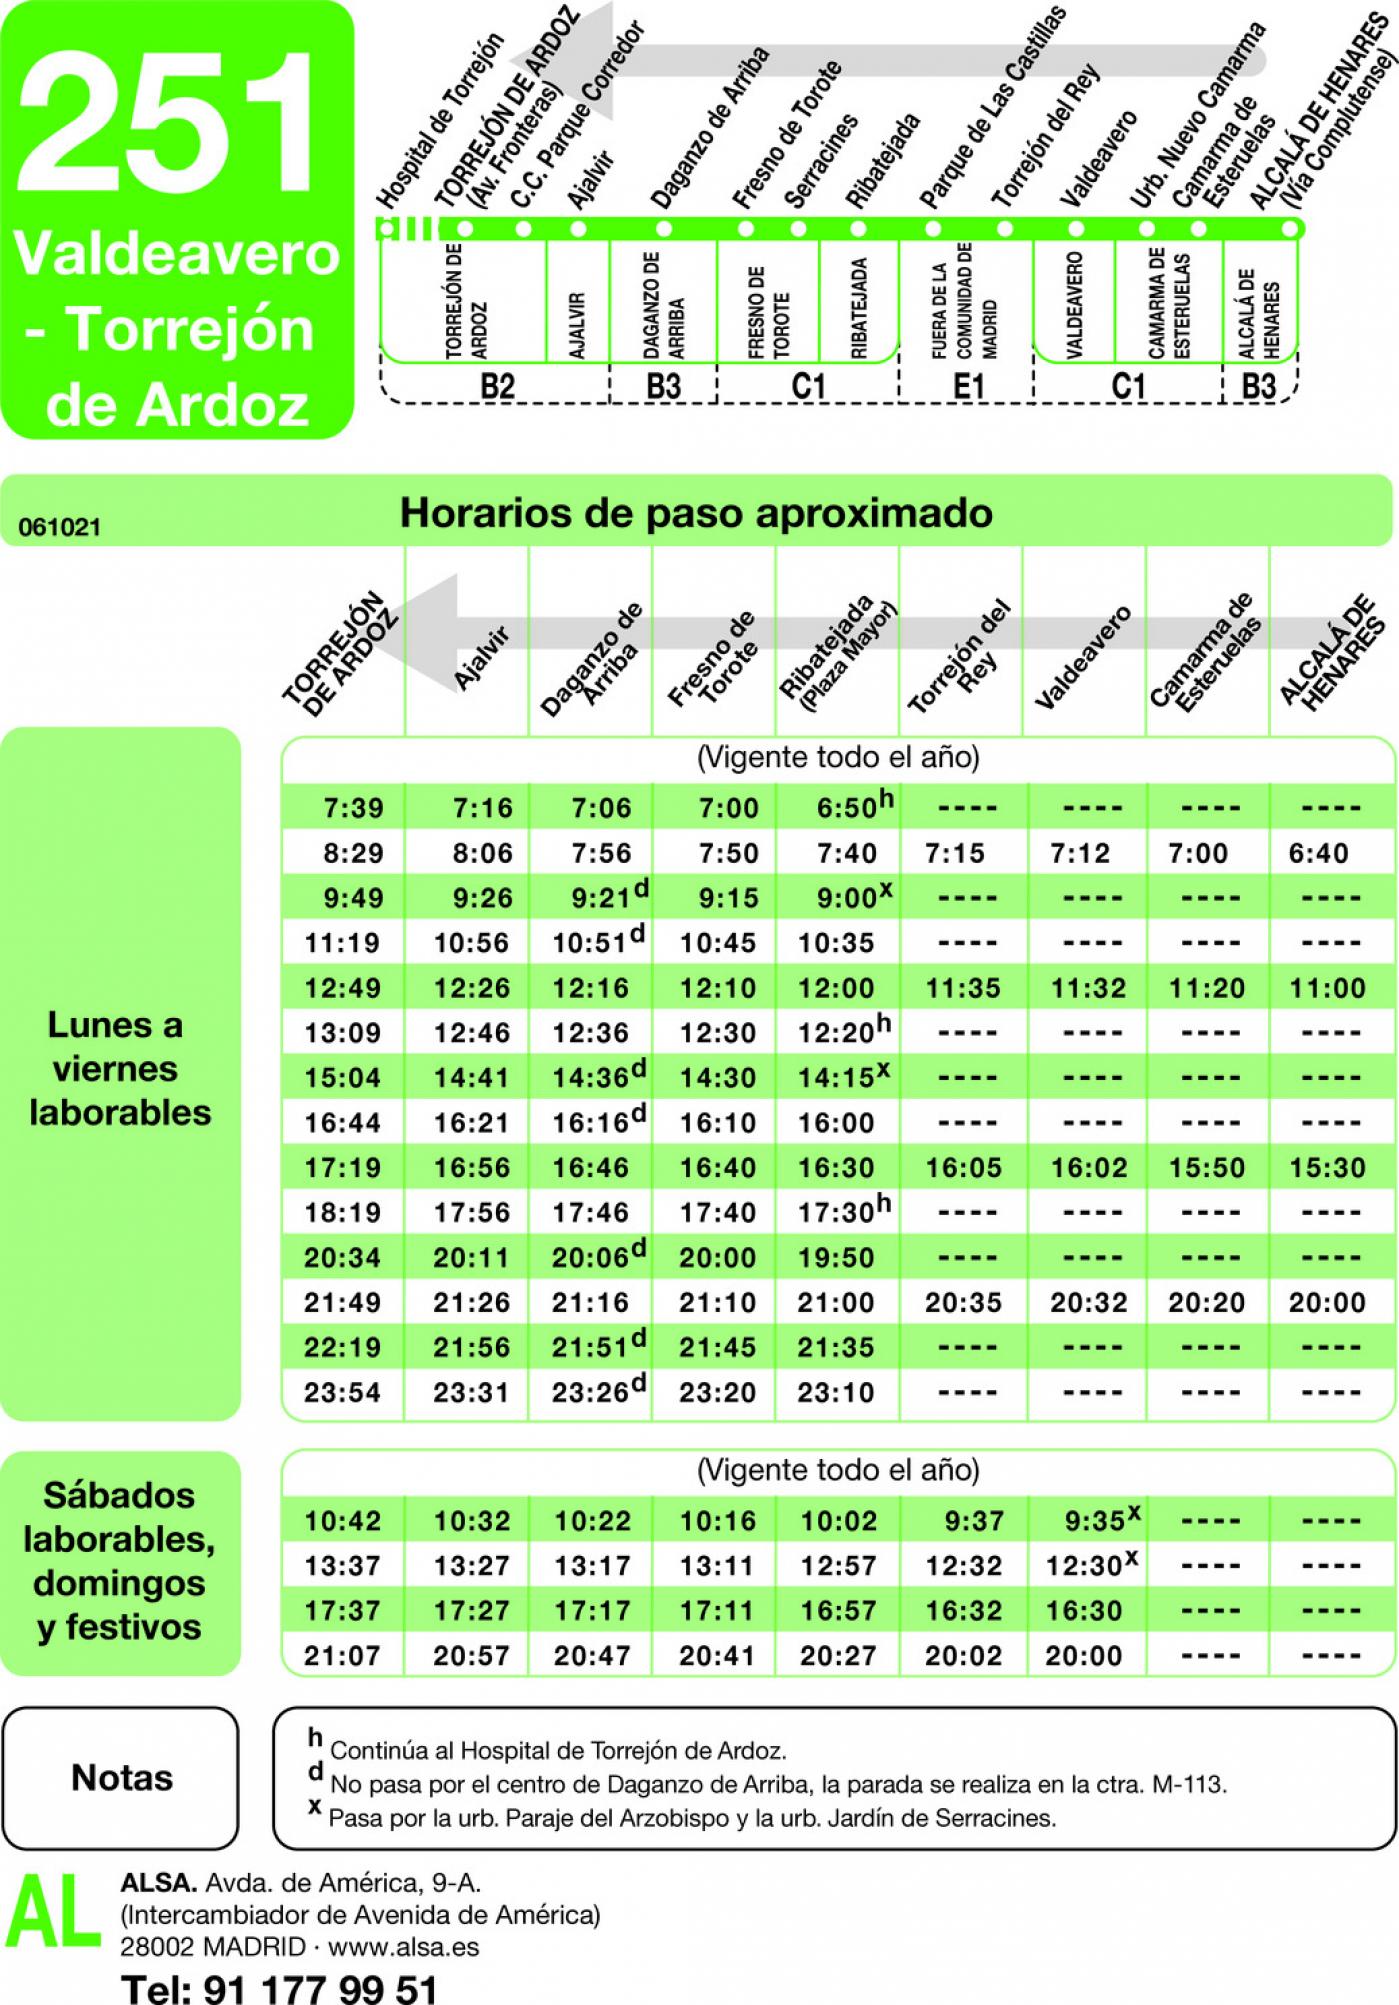 Tabla de horarios y frecuencias de paso en sentido vuelta Línea 251: Torrejón de Ardoz - Valdeavero - Alcalá de Henares